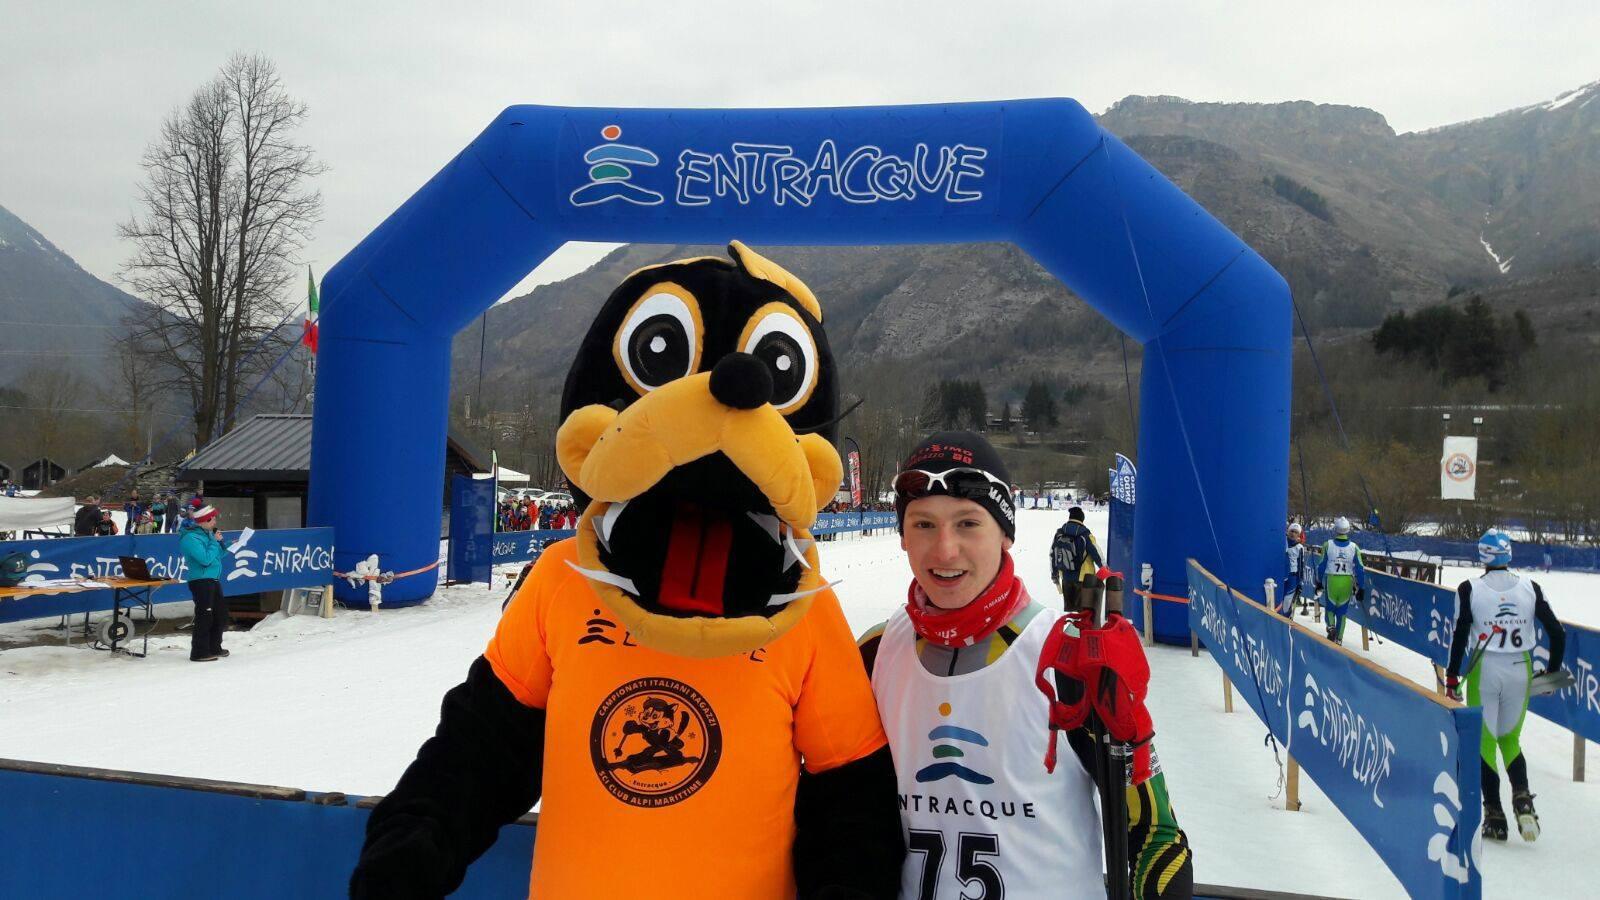 La Guida - Successi per i ragazzi di casa ai Campionati italiani di sci nordico a Entracque